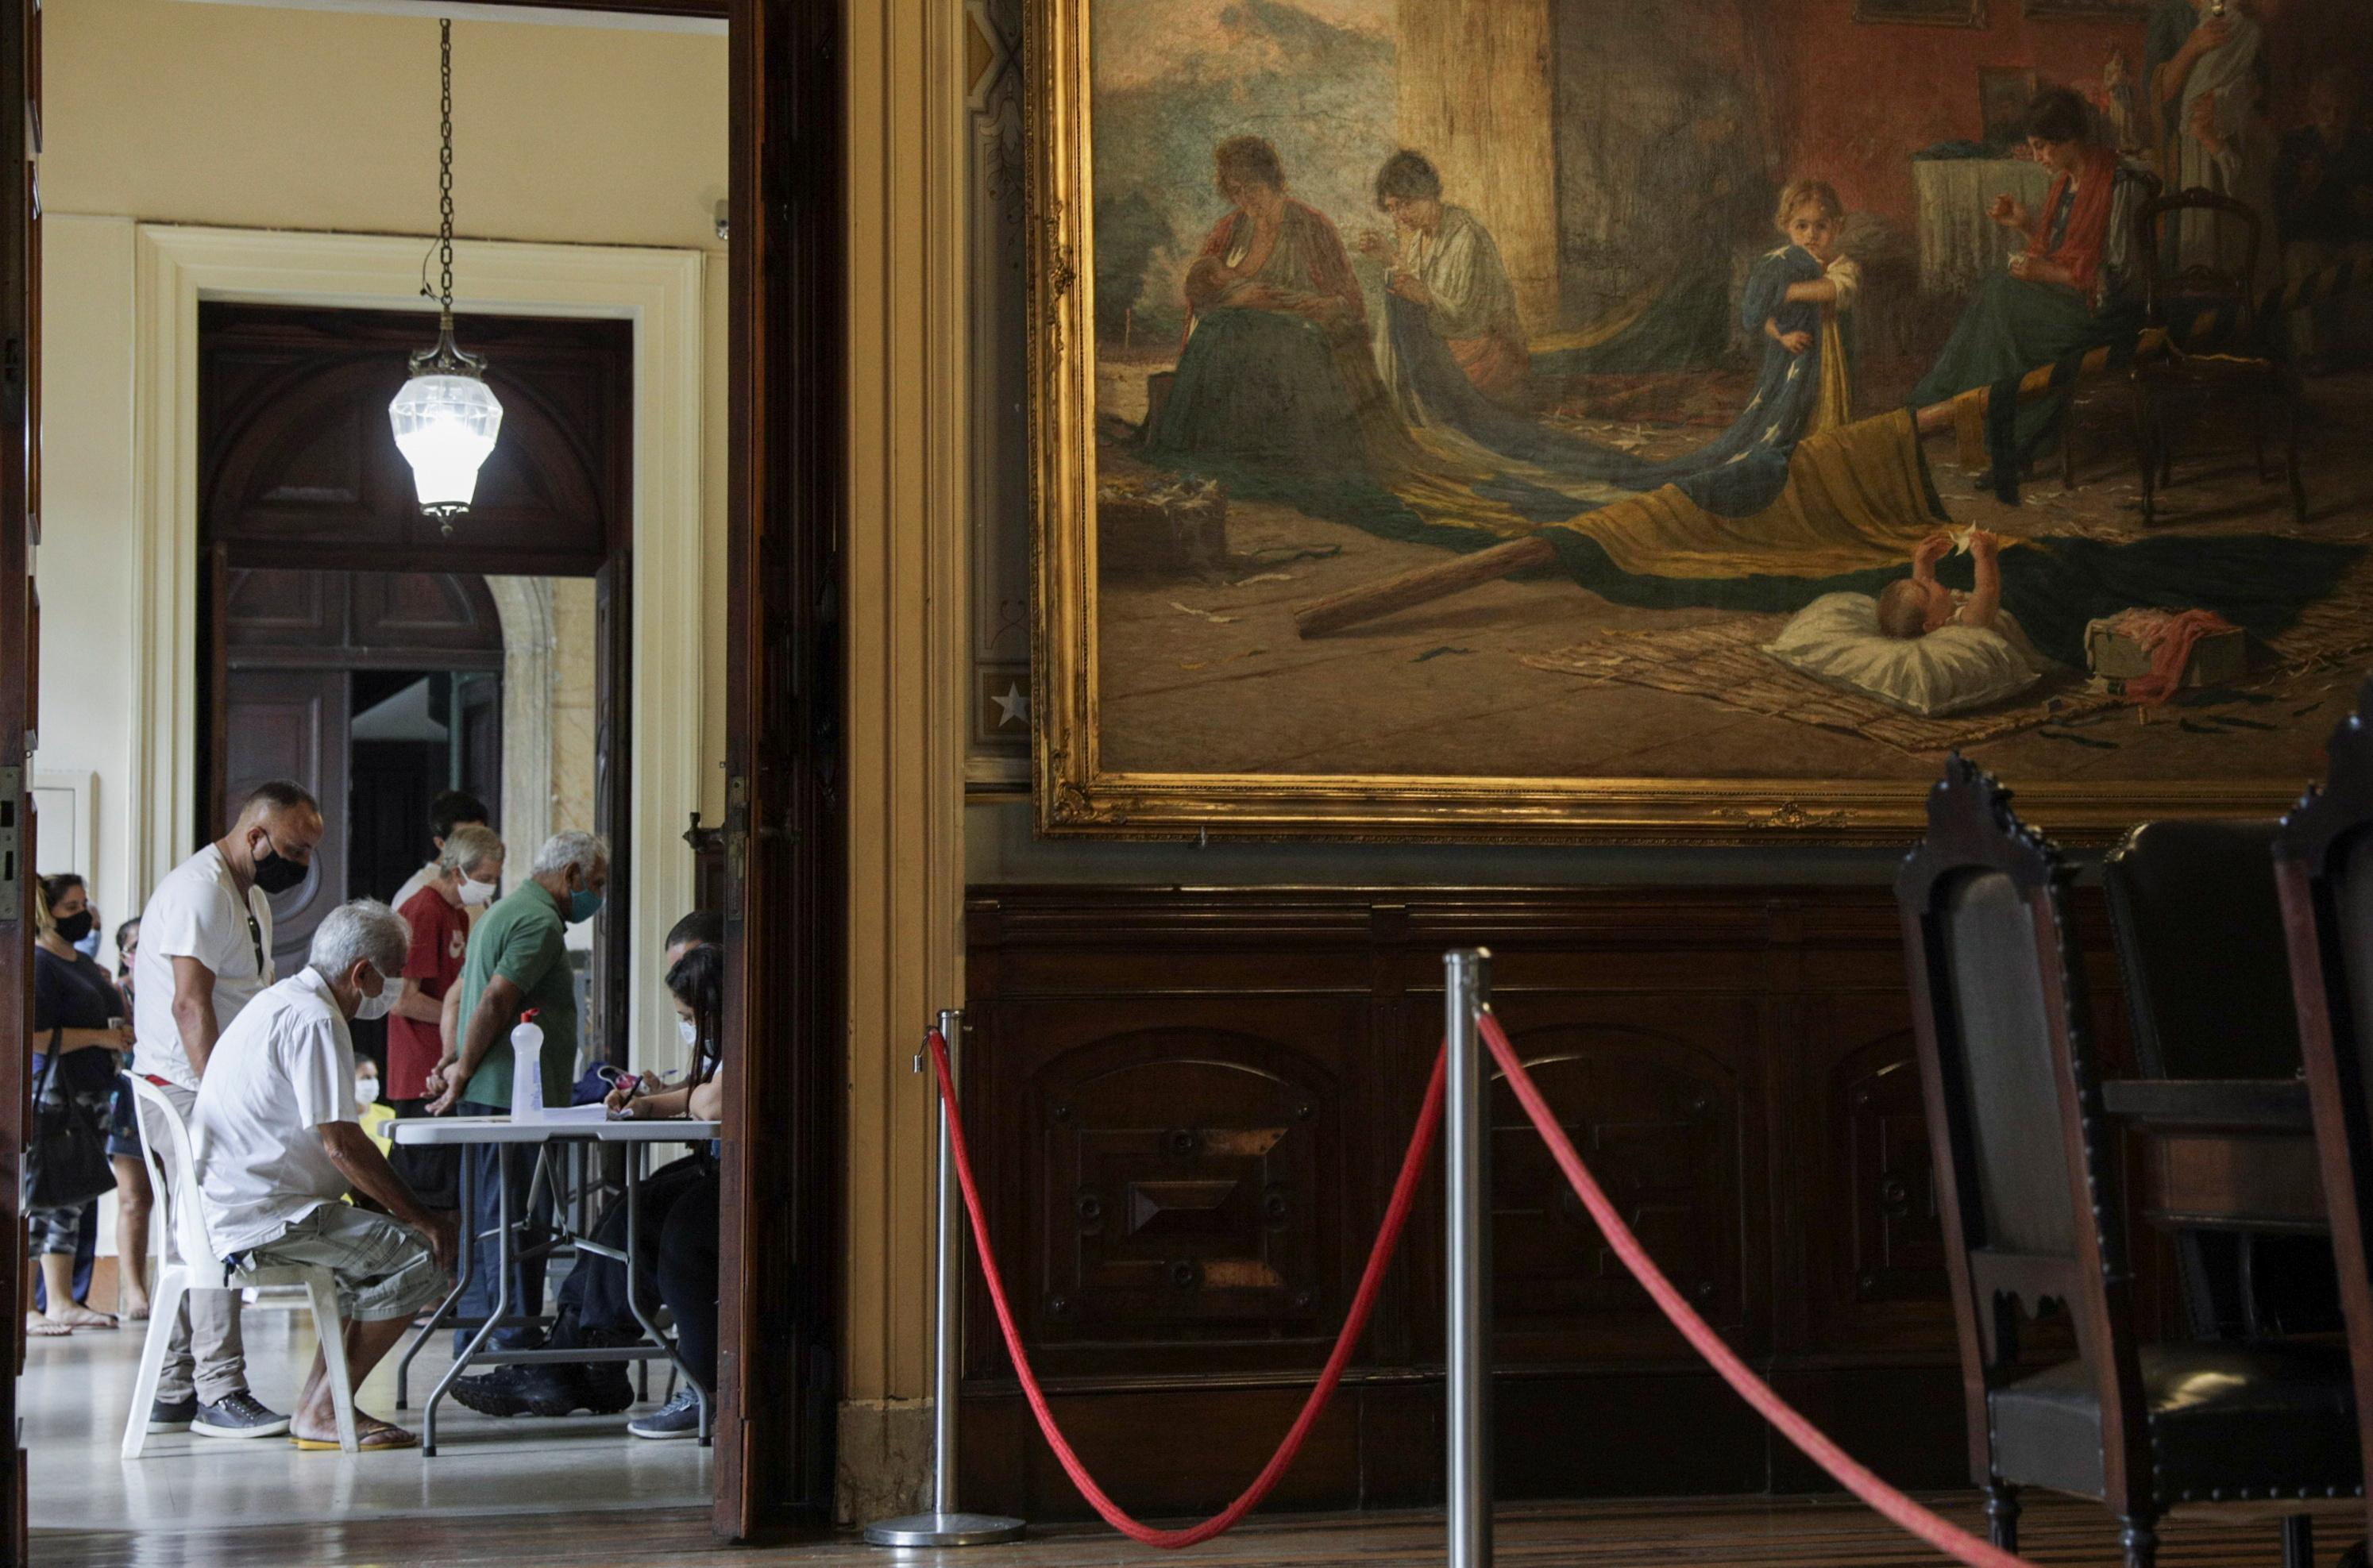 Idosos esperando para serem vacinados no Museu da República, no Palácio do Catete, Rio de Janeiro